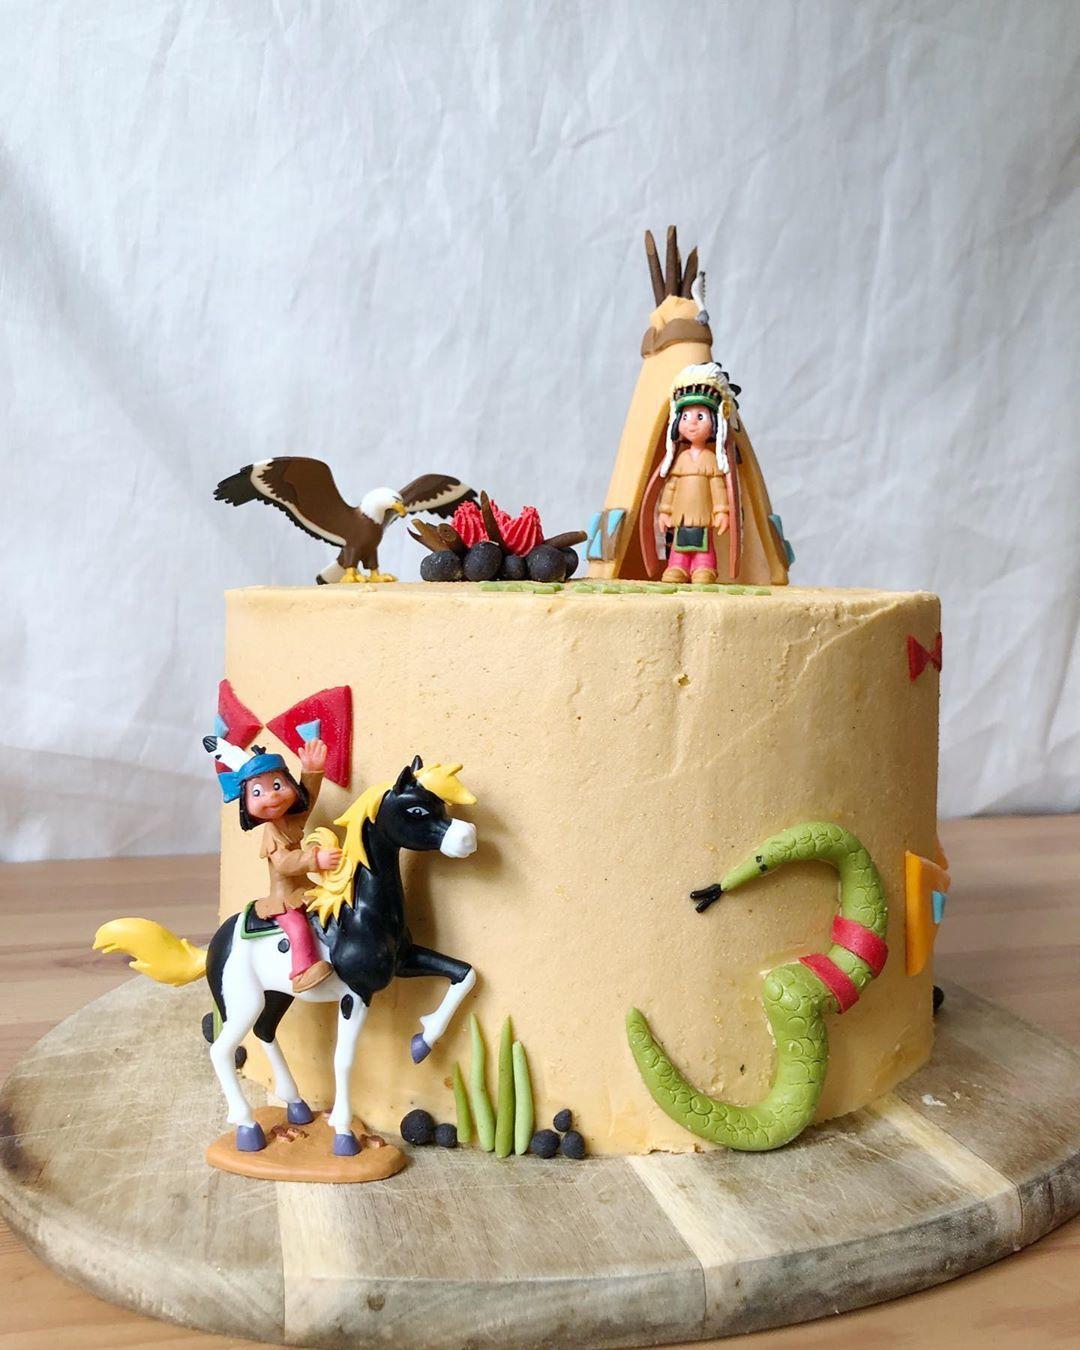 Hier nochmal die Yakari Torte als ganzes. Die Figuren sind zum Teil Handgemacht aus Fondant und zum Teil gekaufte Spielfiguren. So kann das Geburtstagskind seine Lieblingsfiguren tum Spielen behalten und gleich eine schöne Erinnerung an seine/ihre besondere Torte bekommen